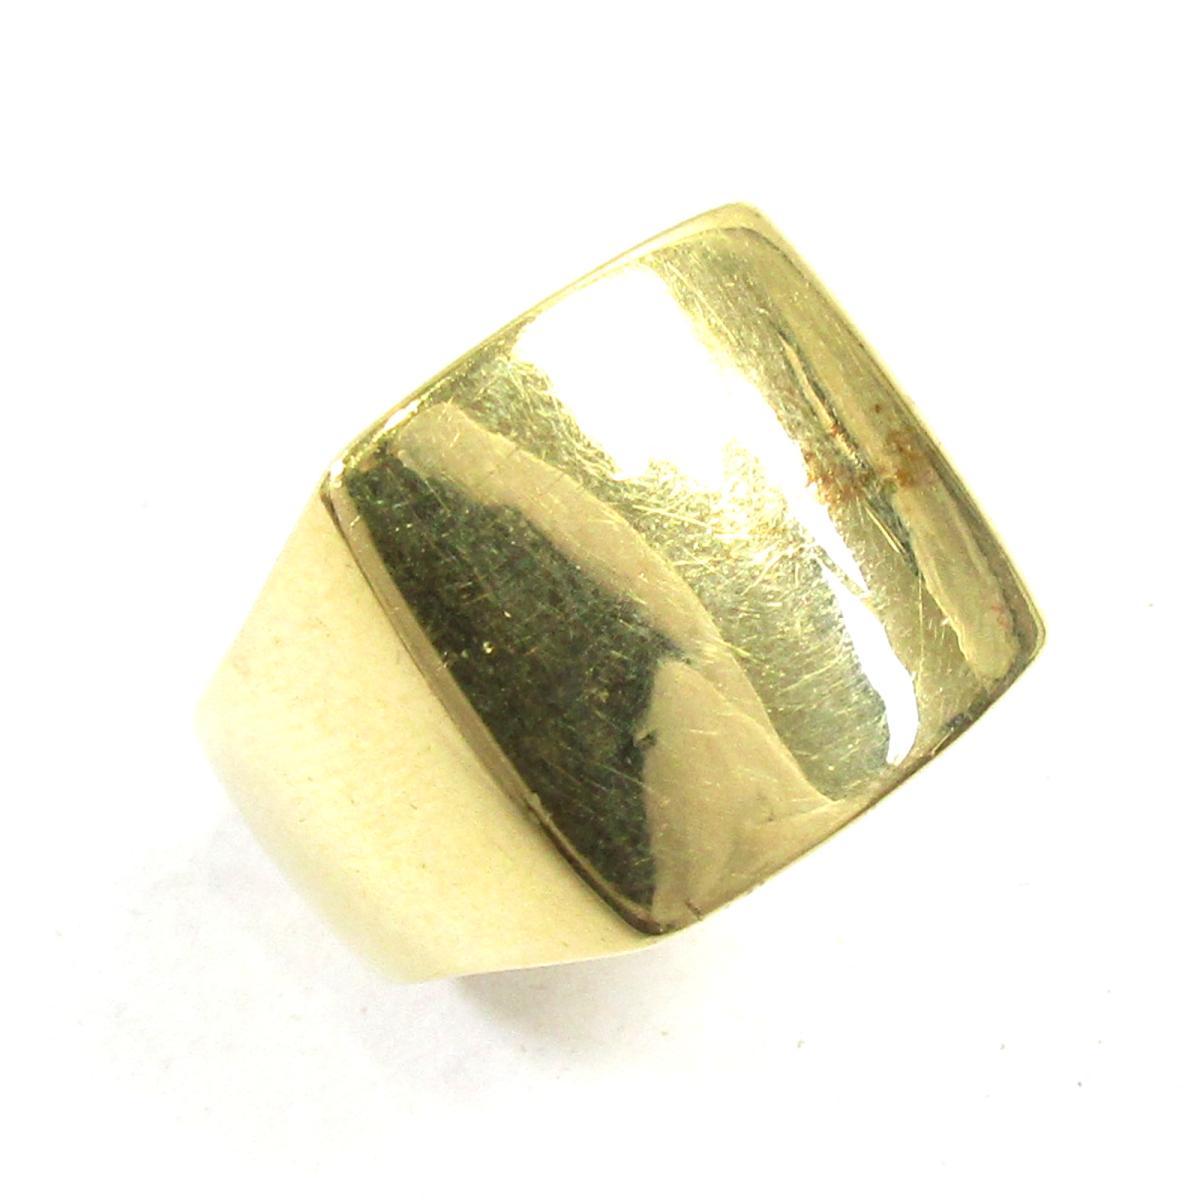 ジュエリー K18リング 指輪 ノーブランドジュエリー メンズ K18YG (750) イエローゴールド ゴールド 【中古】   JEWELRY BRANDOFF ブランドオフ レディース アクセサリー リング